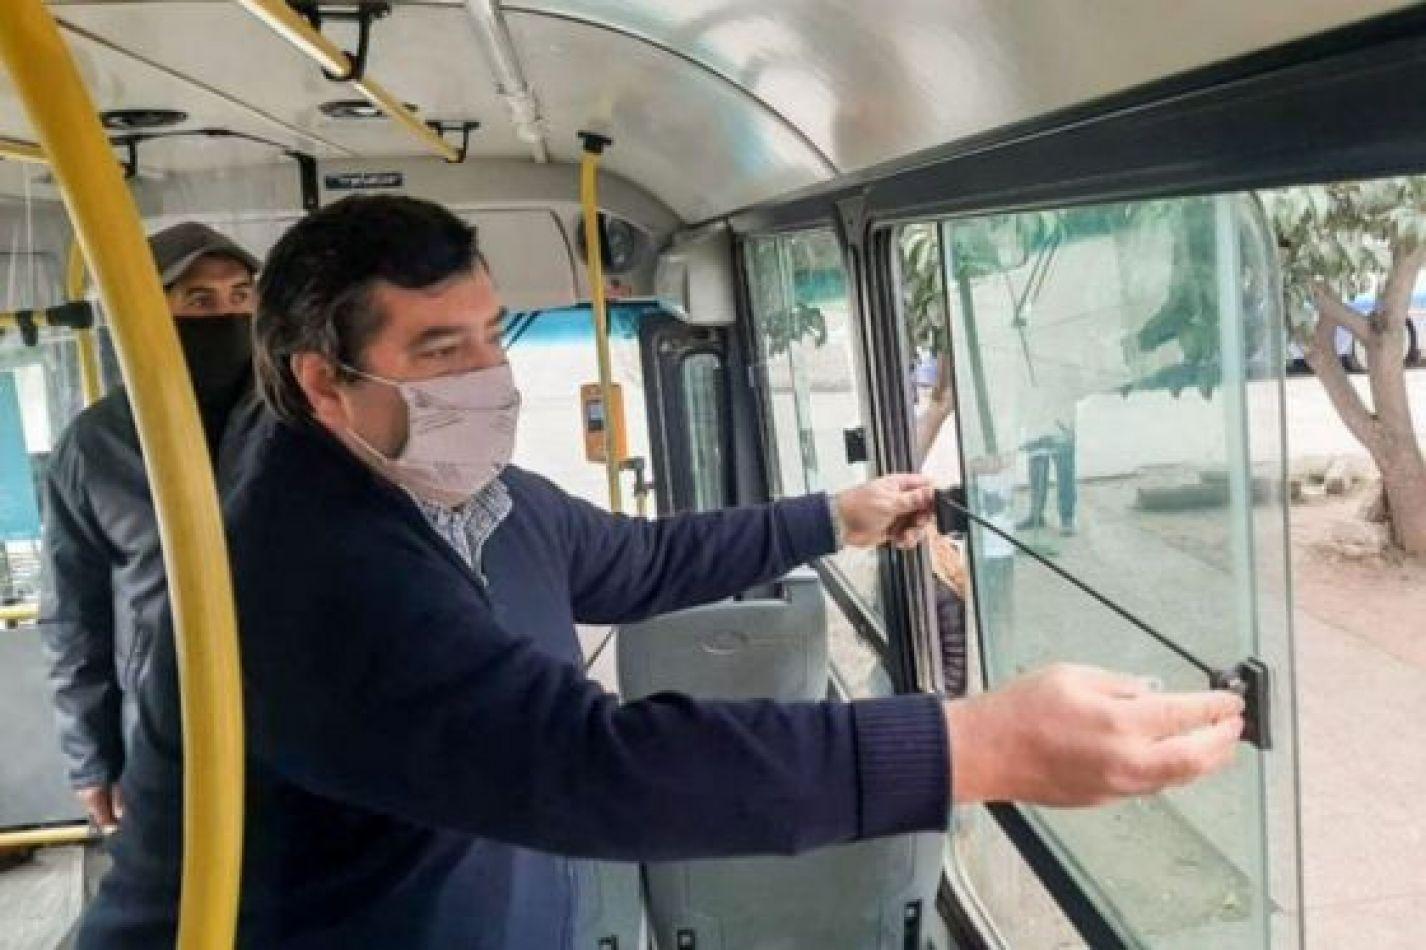 Viaje en colectivo durante la pandemia: no todas las ventanas deben ir abierta